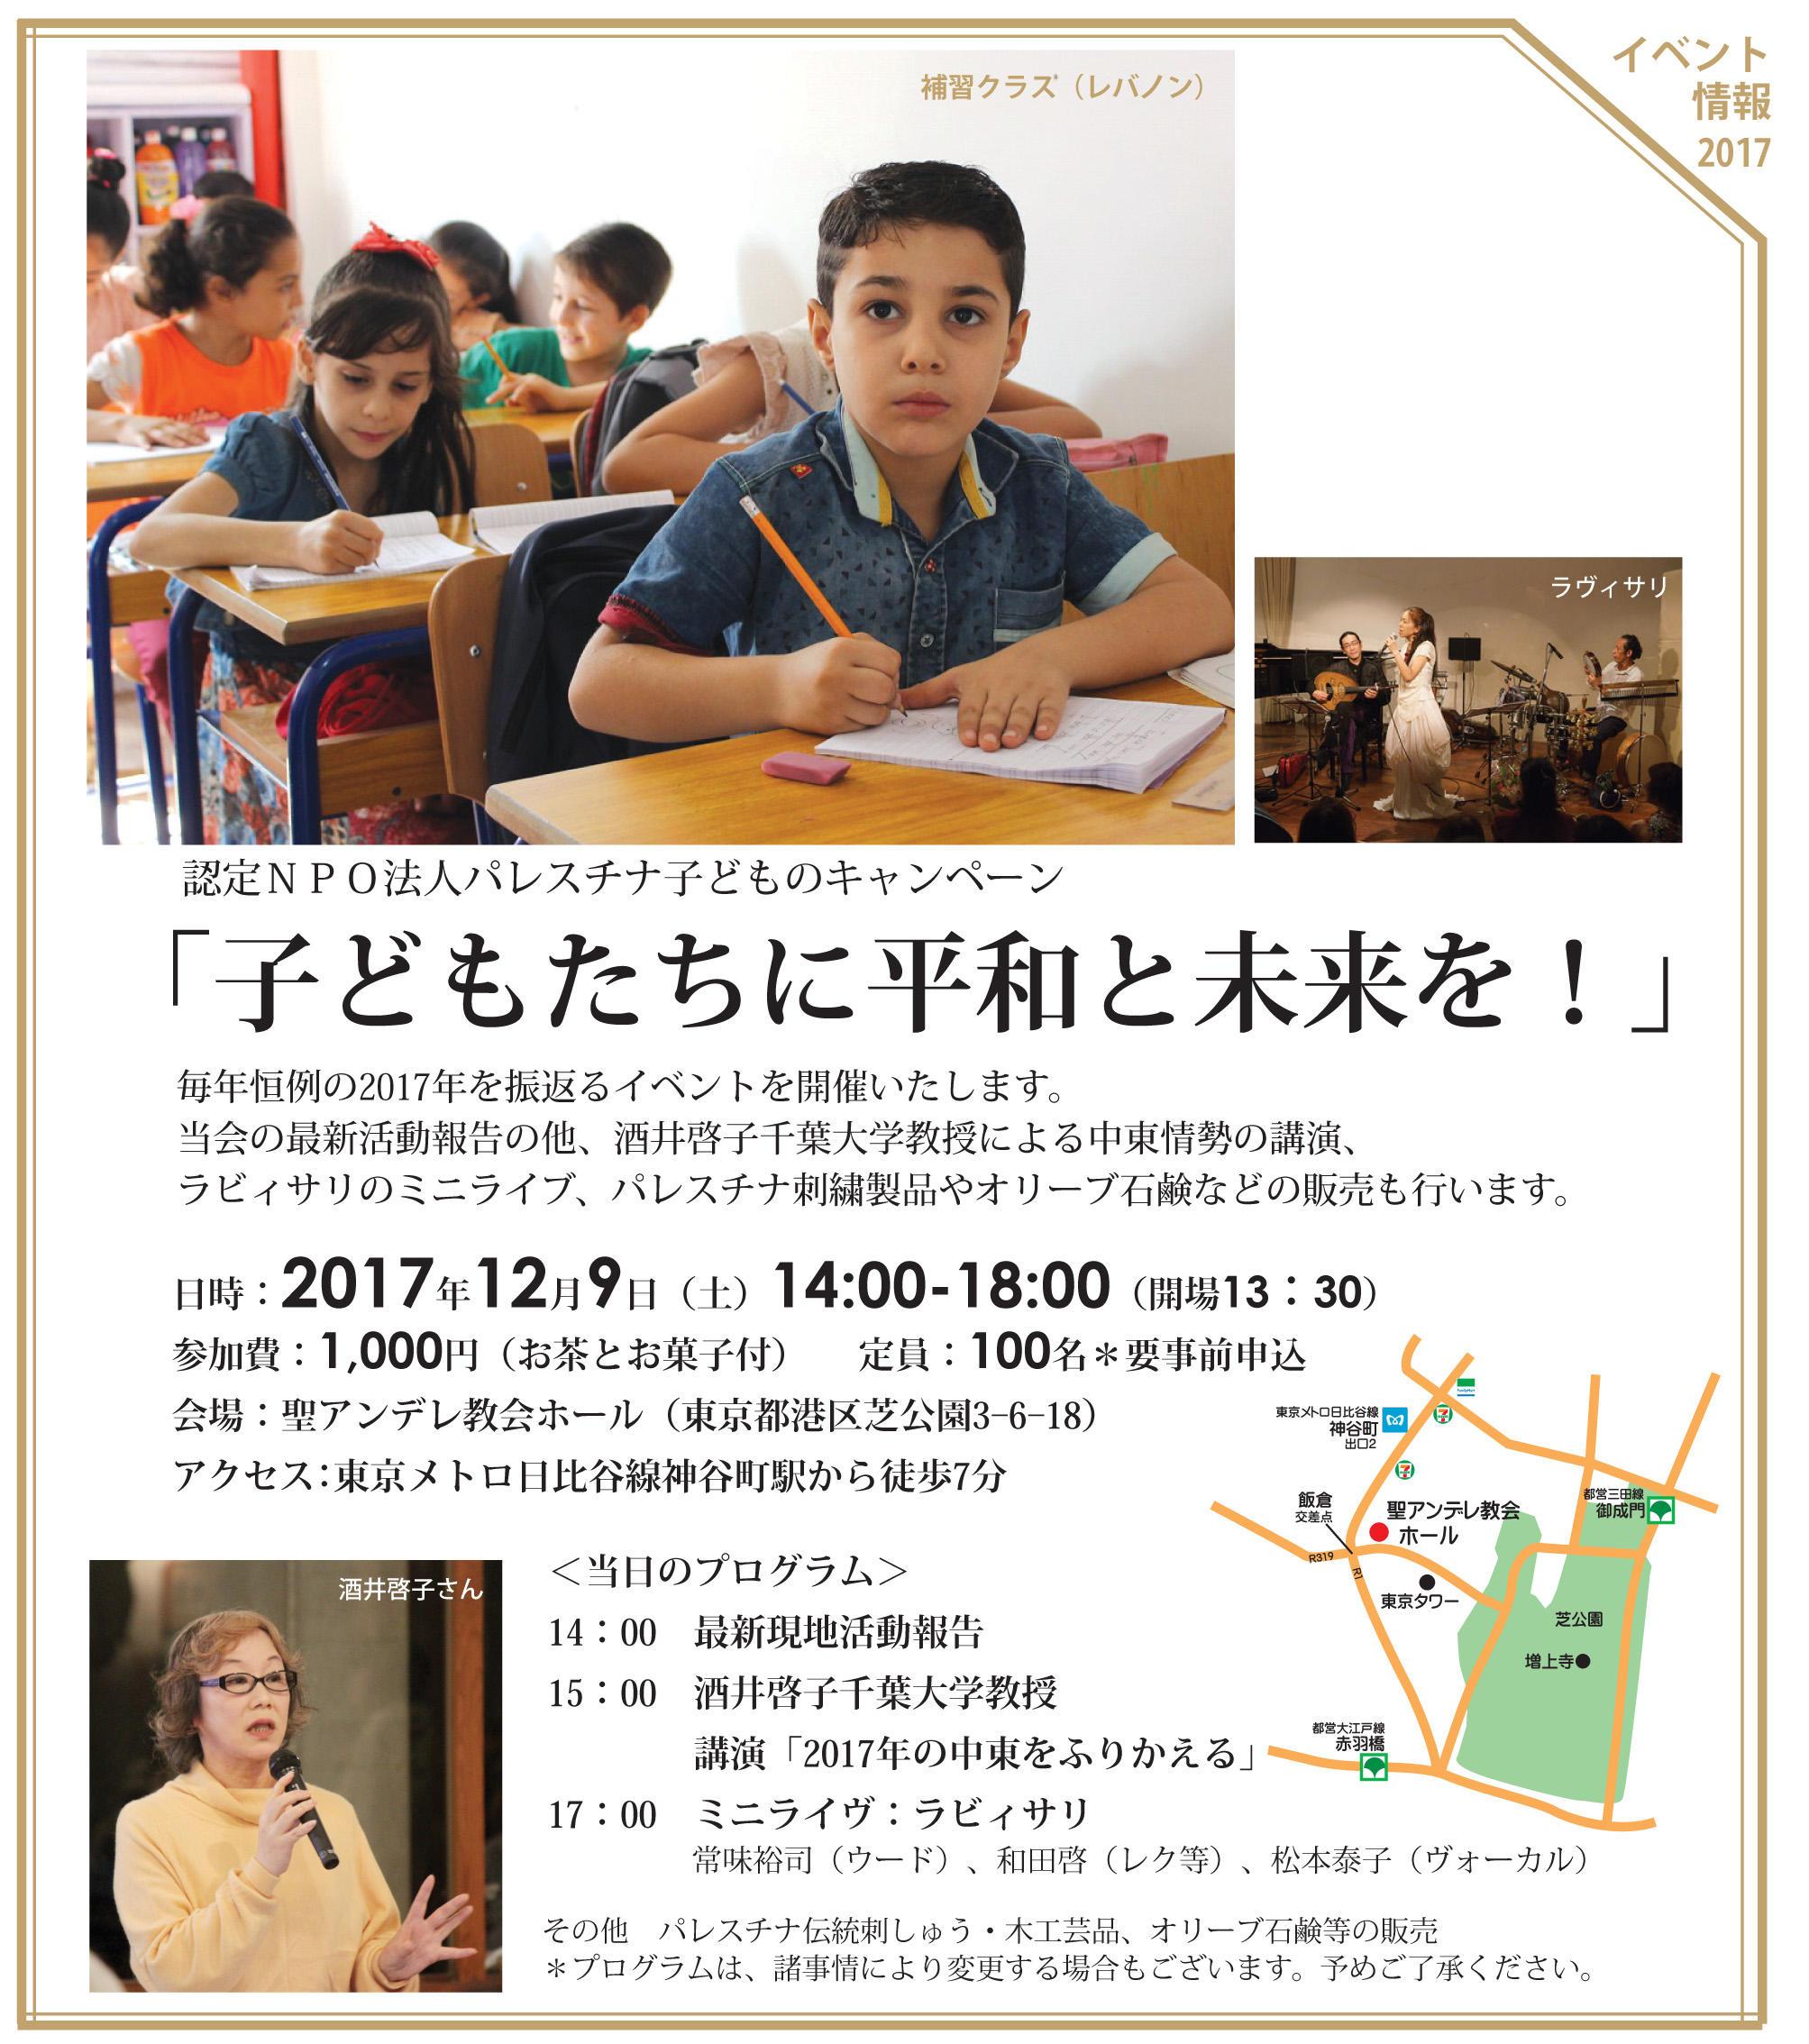 20171209.jpg